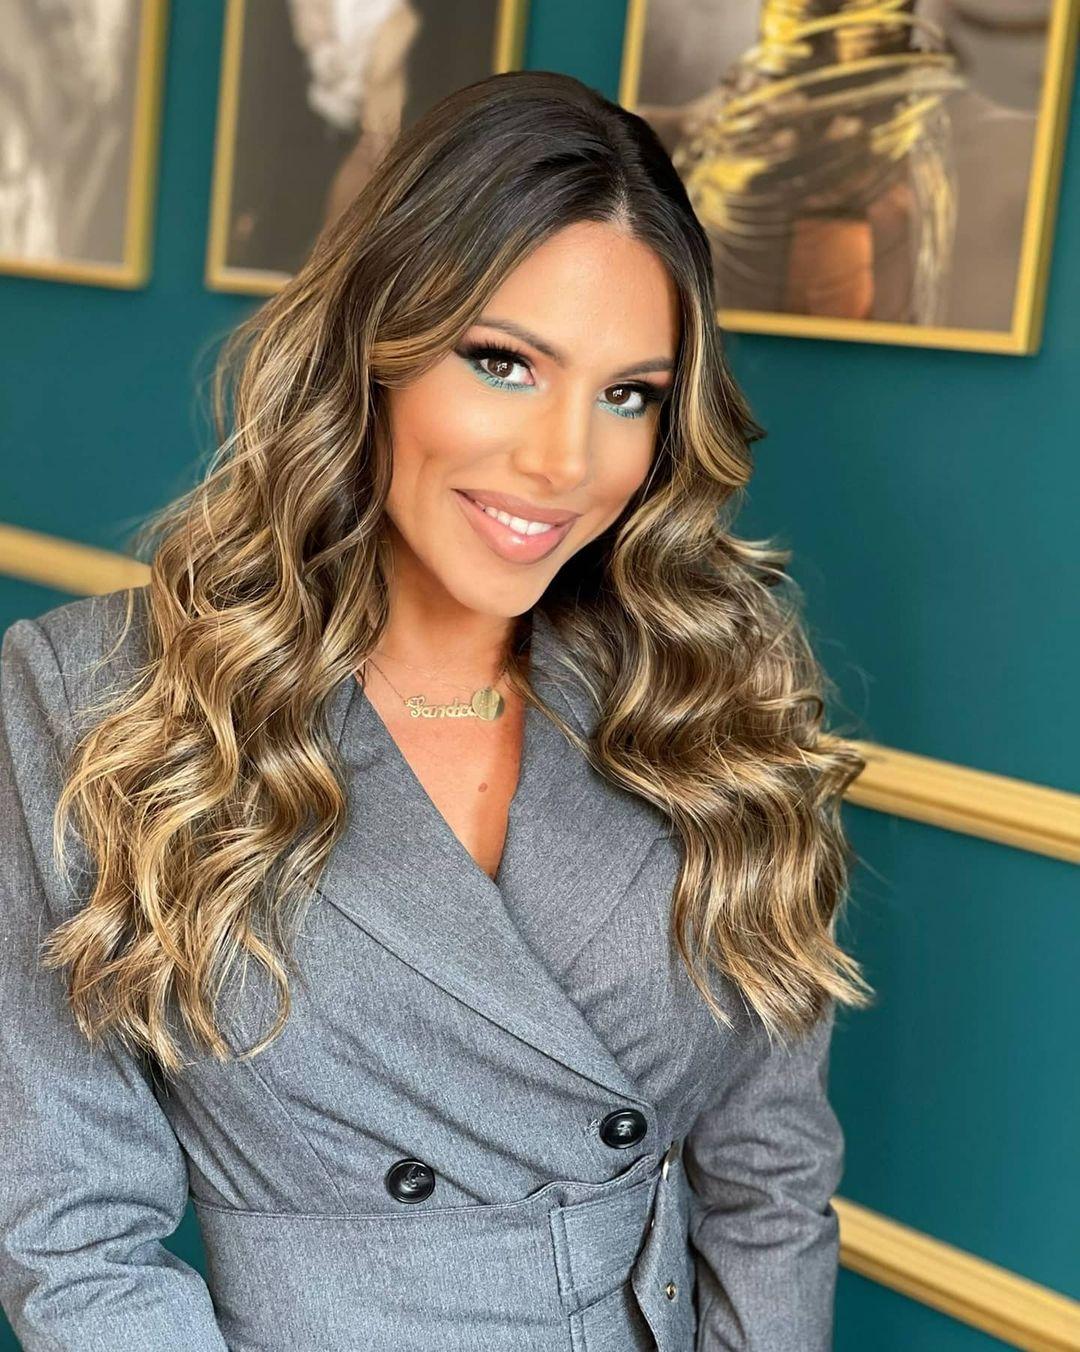 Sandra-Afrika-Wallpapers-Insta-Fit-Bio-Sandra-Prodanovic-Wallpapers-Insta-Fit-Bio-9